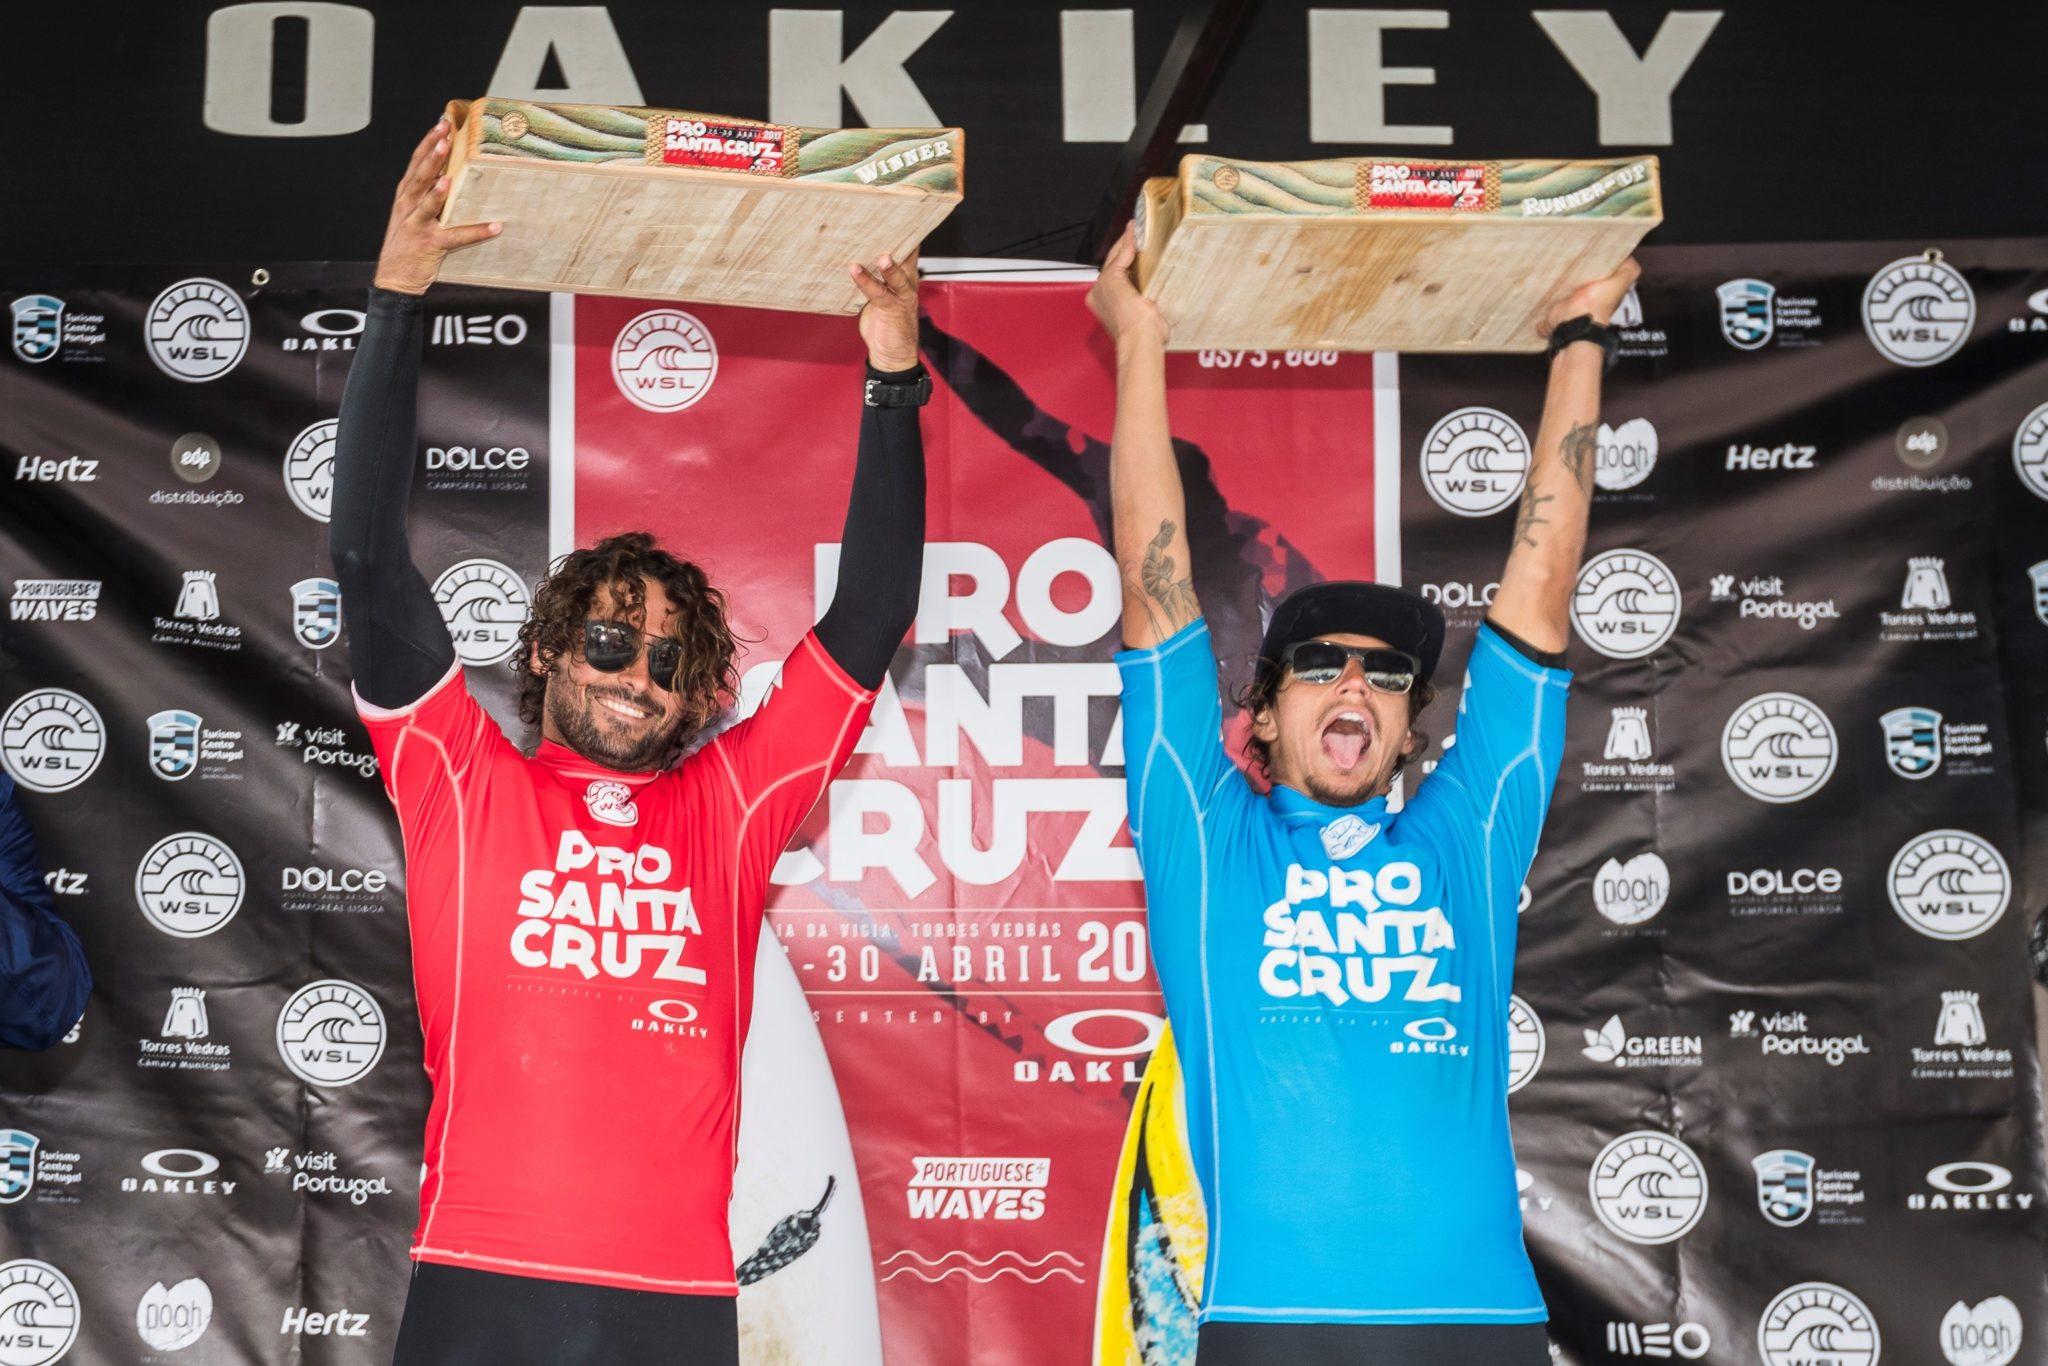 podium at Santa Cruz Pro 2017